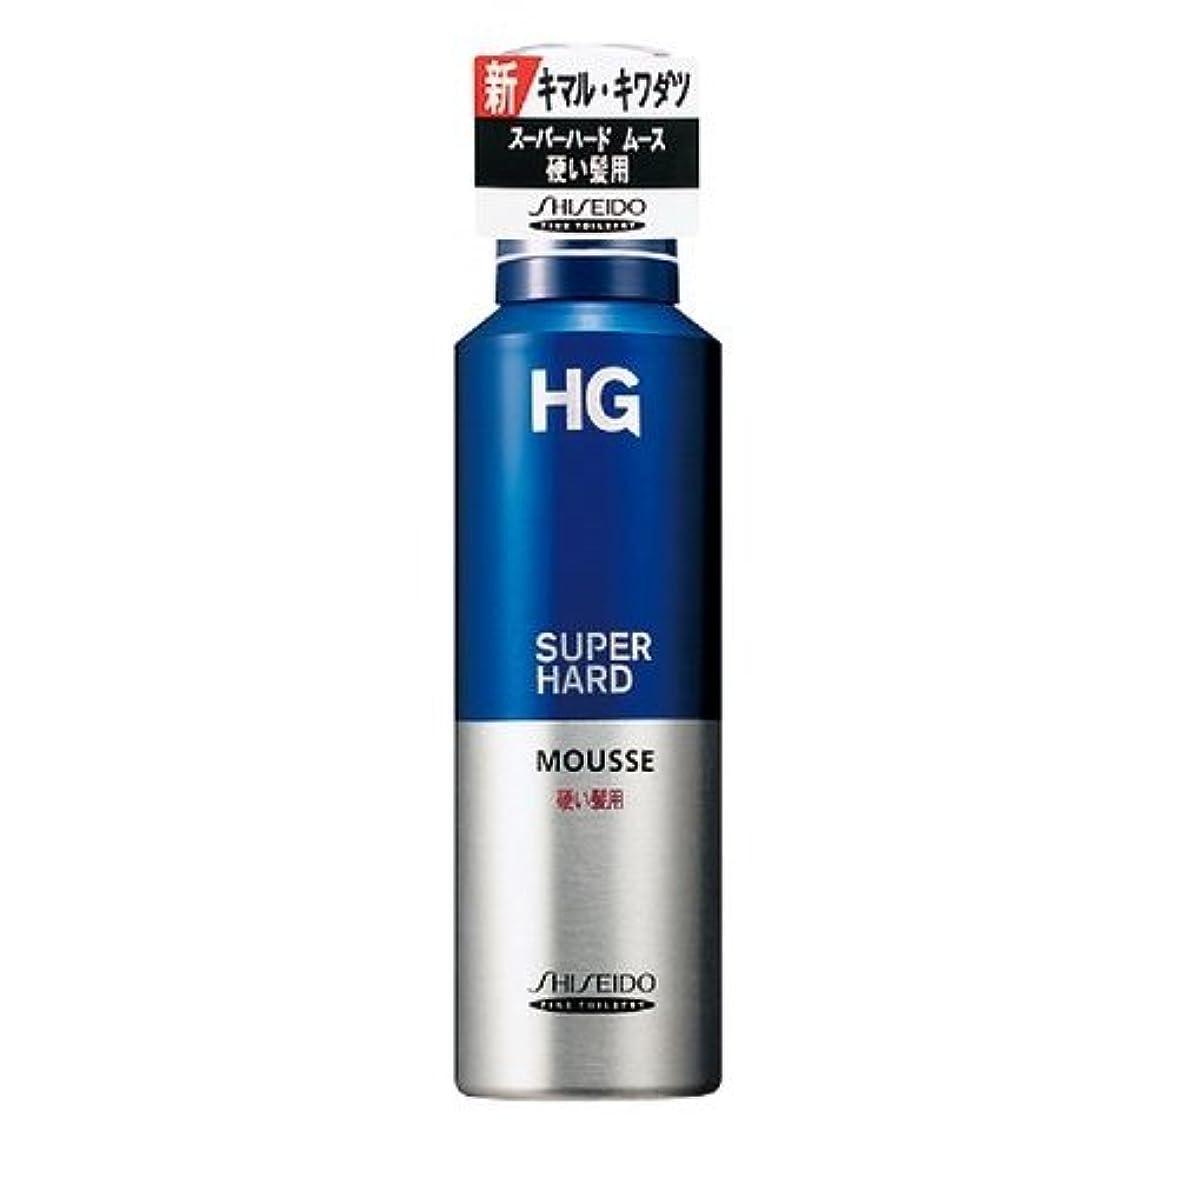 舗装するアラスカセンチメートルHG スーパーハードムース 硬い髪用a 180g